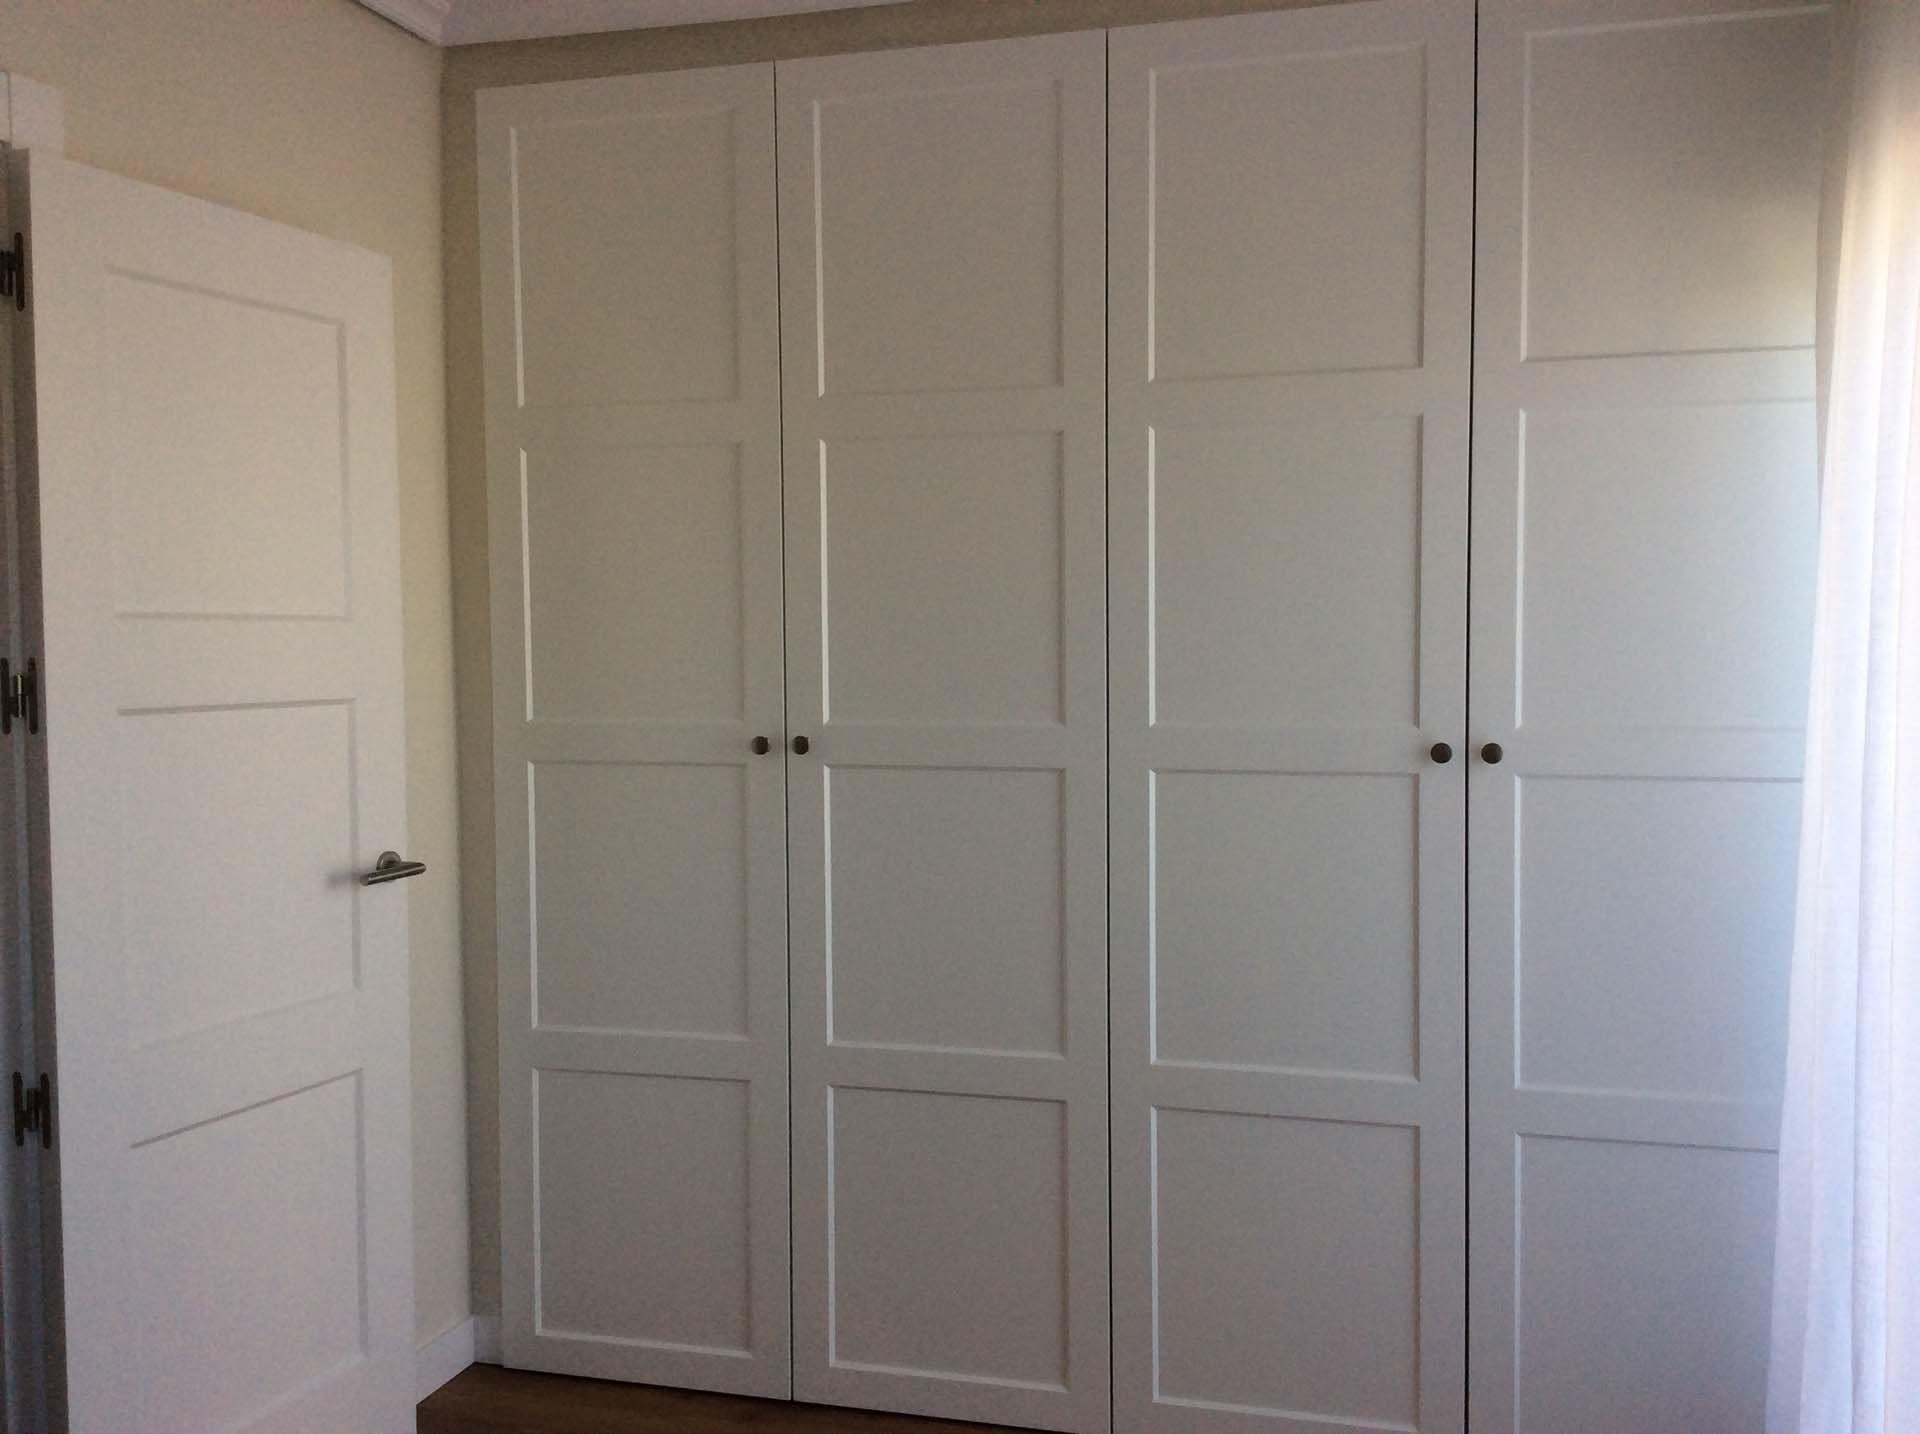 Armario plafones marco chafl n armario lacado blanco seda mate modelo marco 7 chafl n - Muebles el chaflan ...